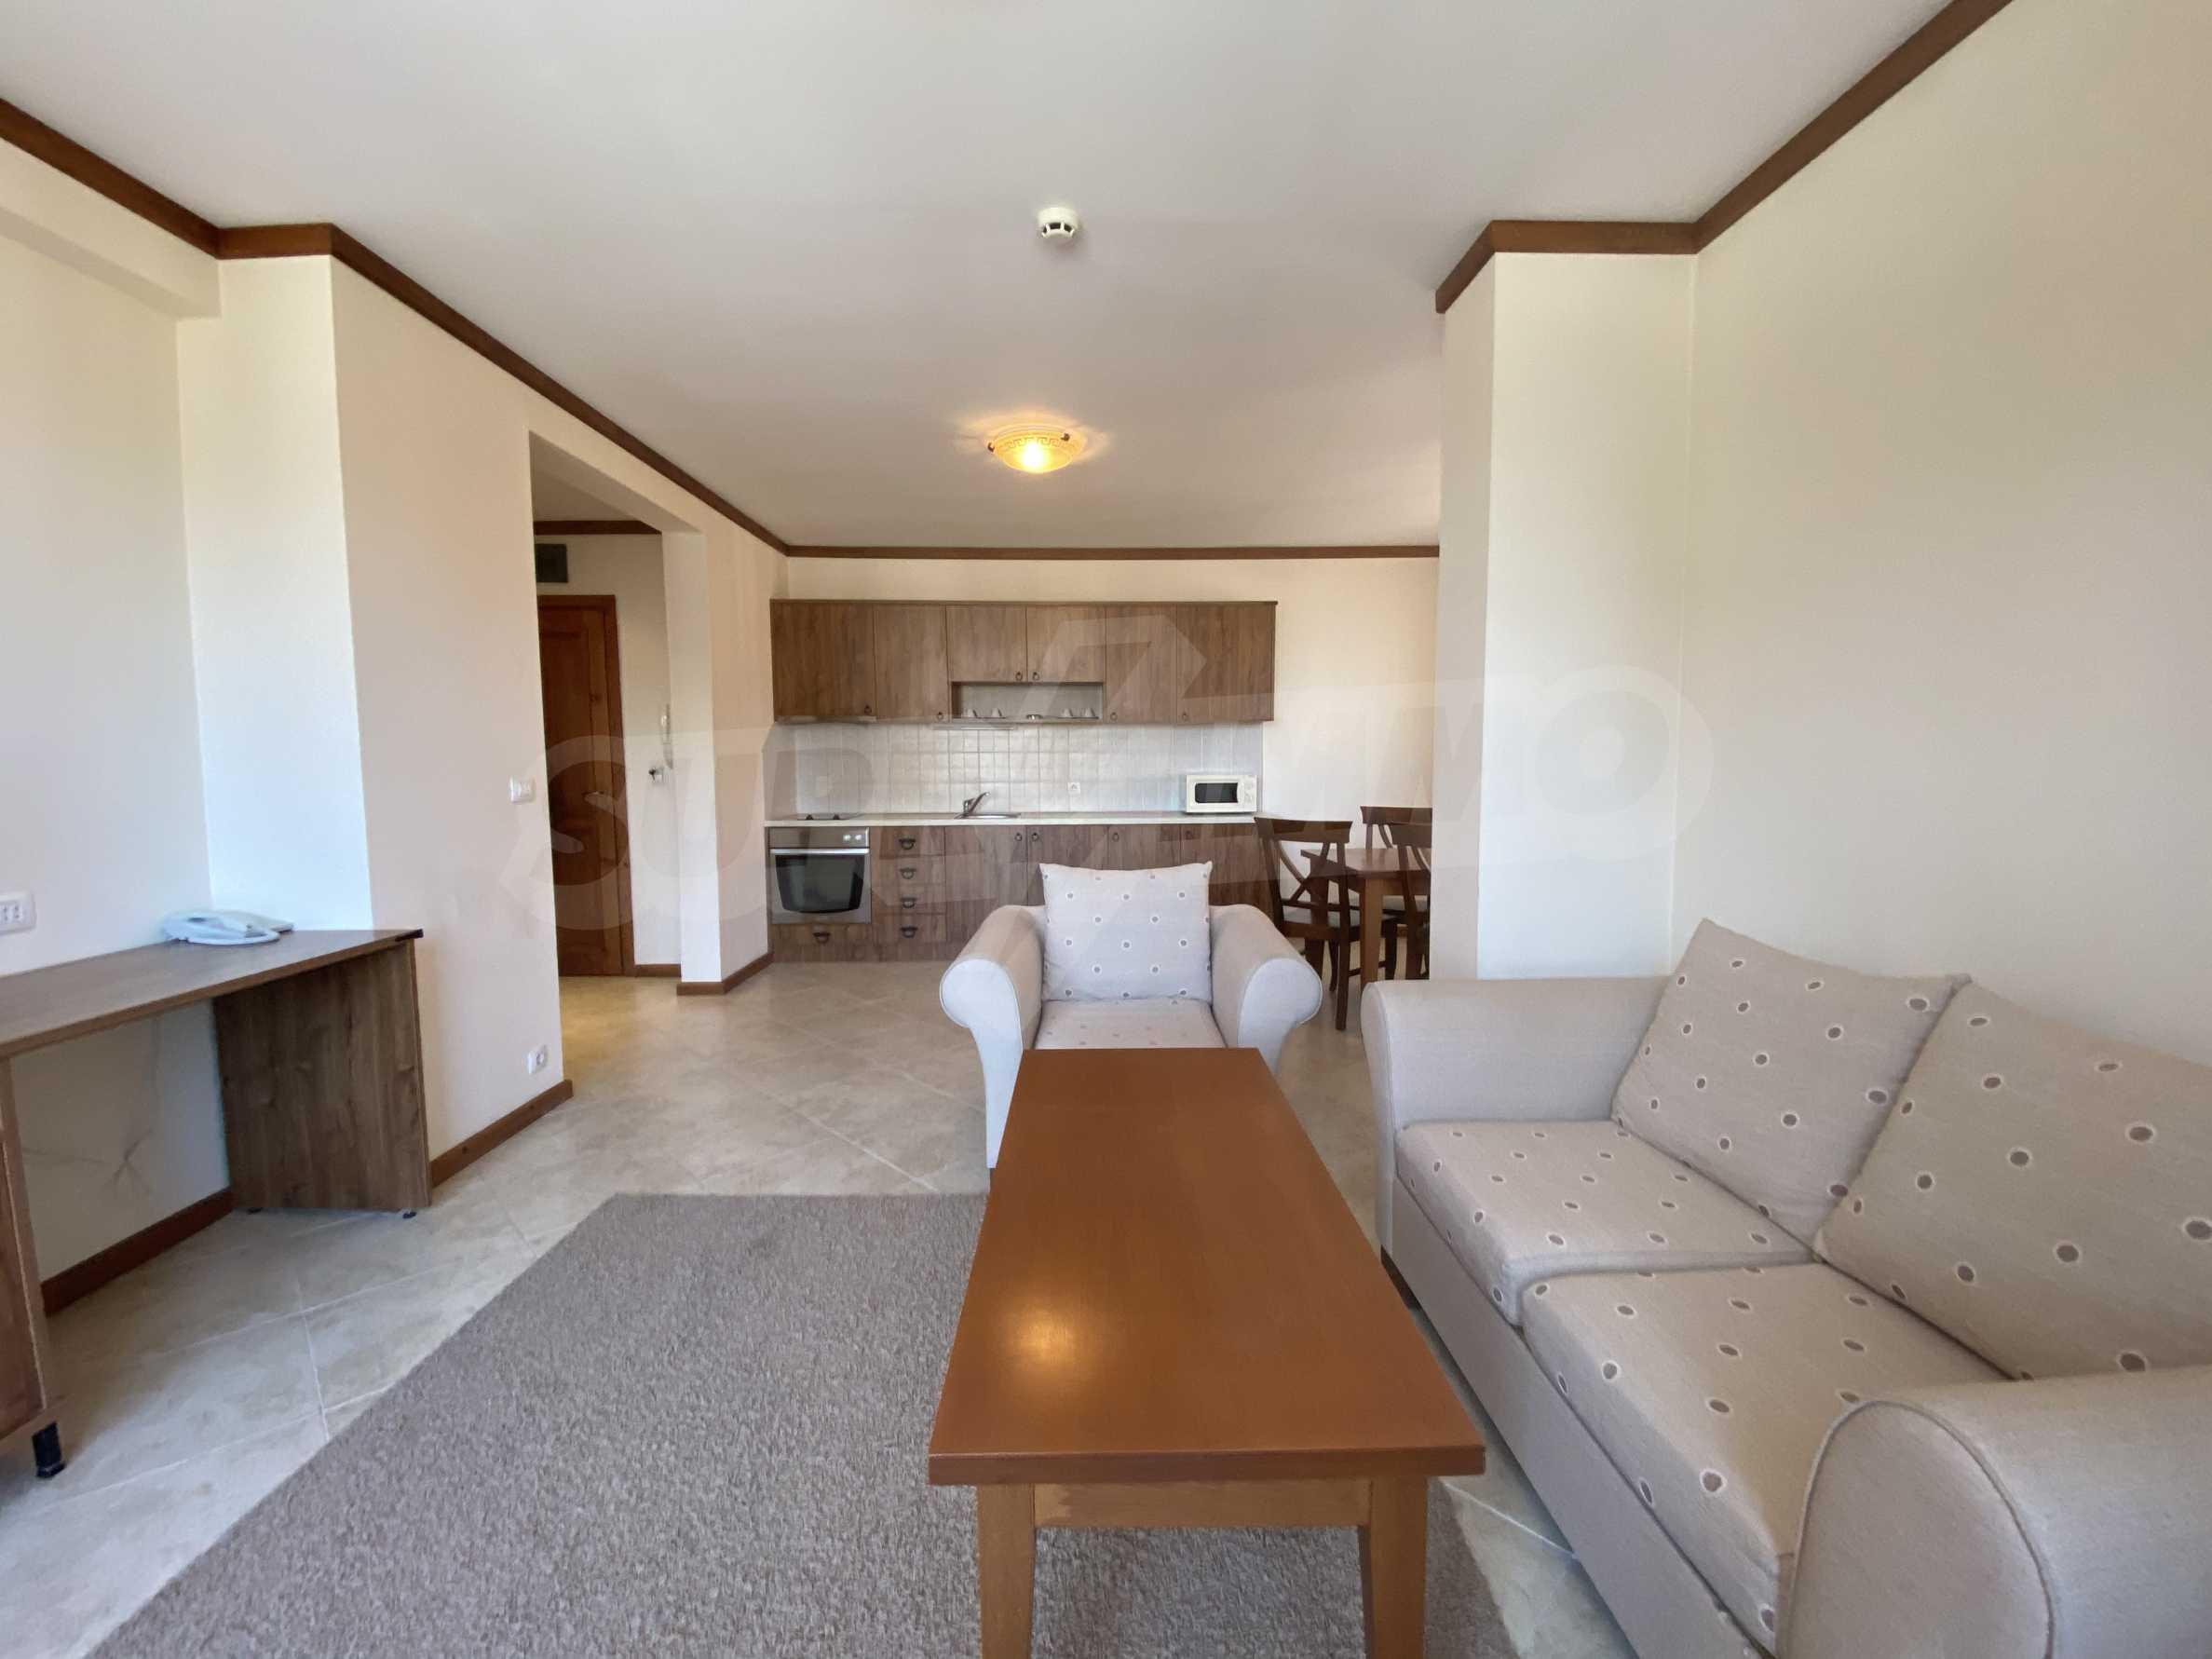 Обзаведен двустаен апартамент в луксозен СПА комплекс в Банско 2